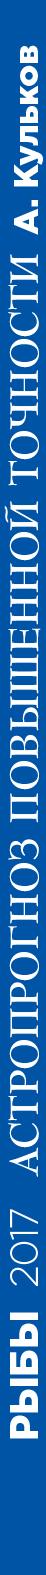 Рыбы. 2017. Астропрогноз повышенной точности со звездными картами на каждый месяц